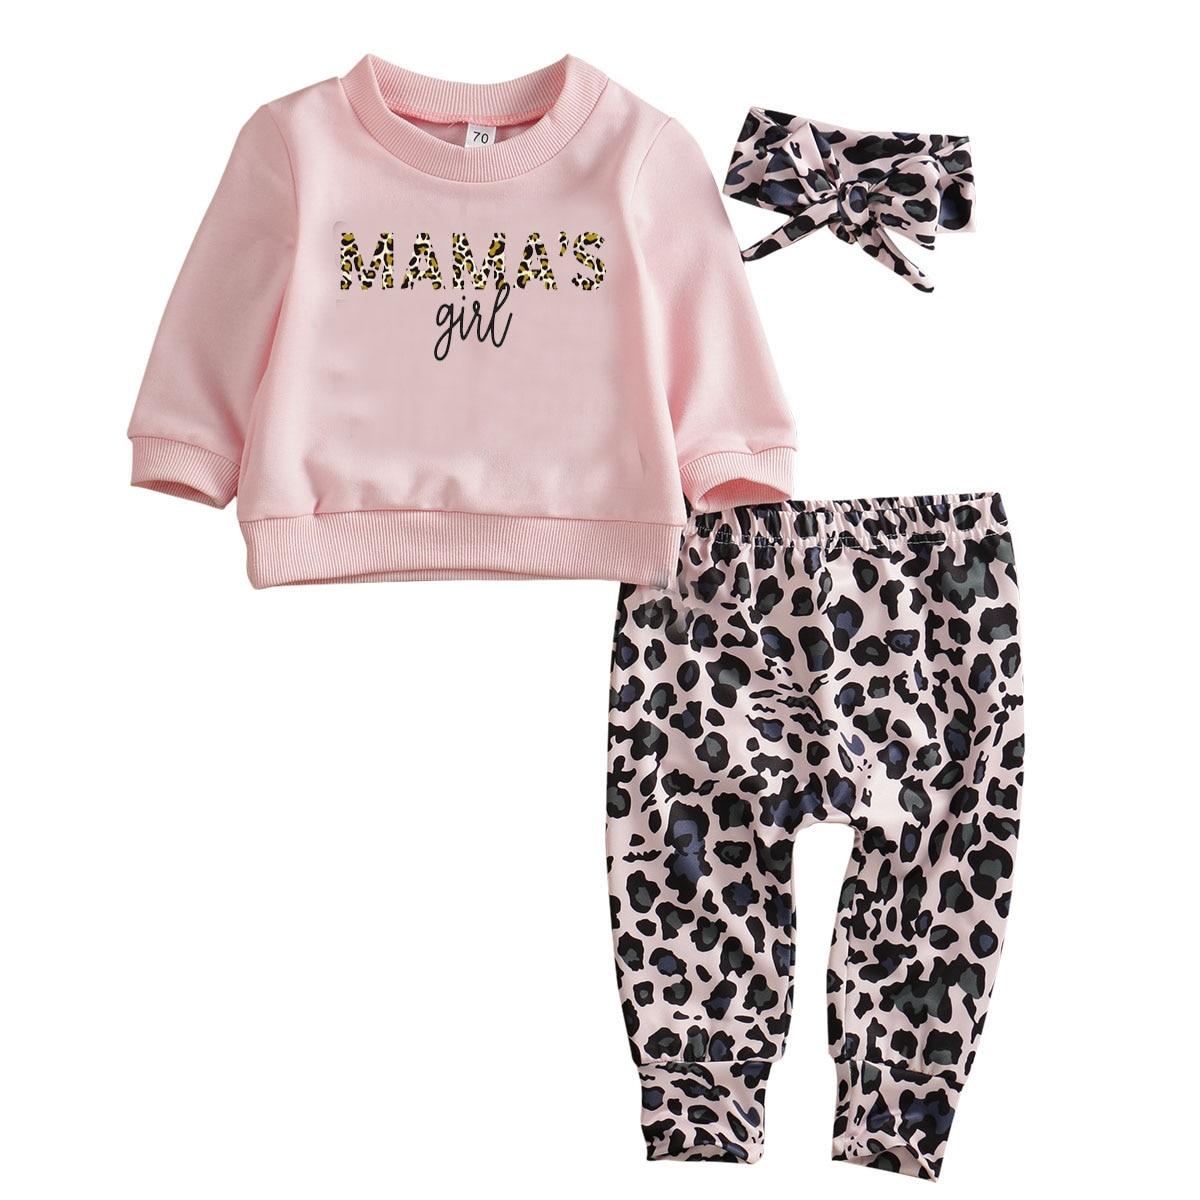 Us recém-nascido roupas da menina do bebê camiseta superior calças de leopardo bandana outfits